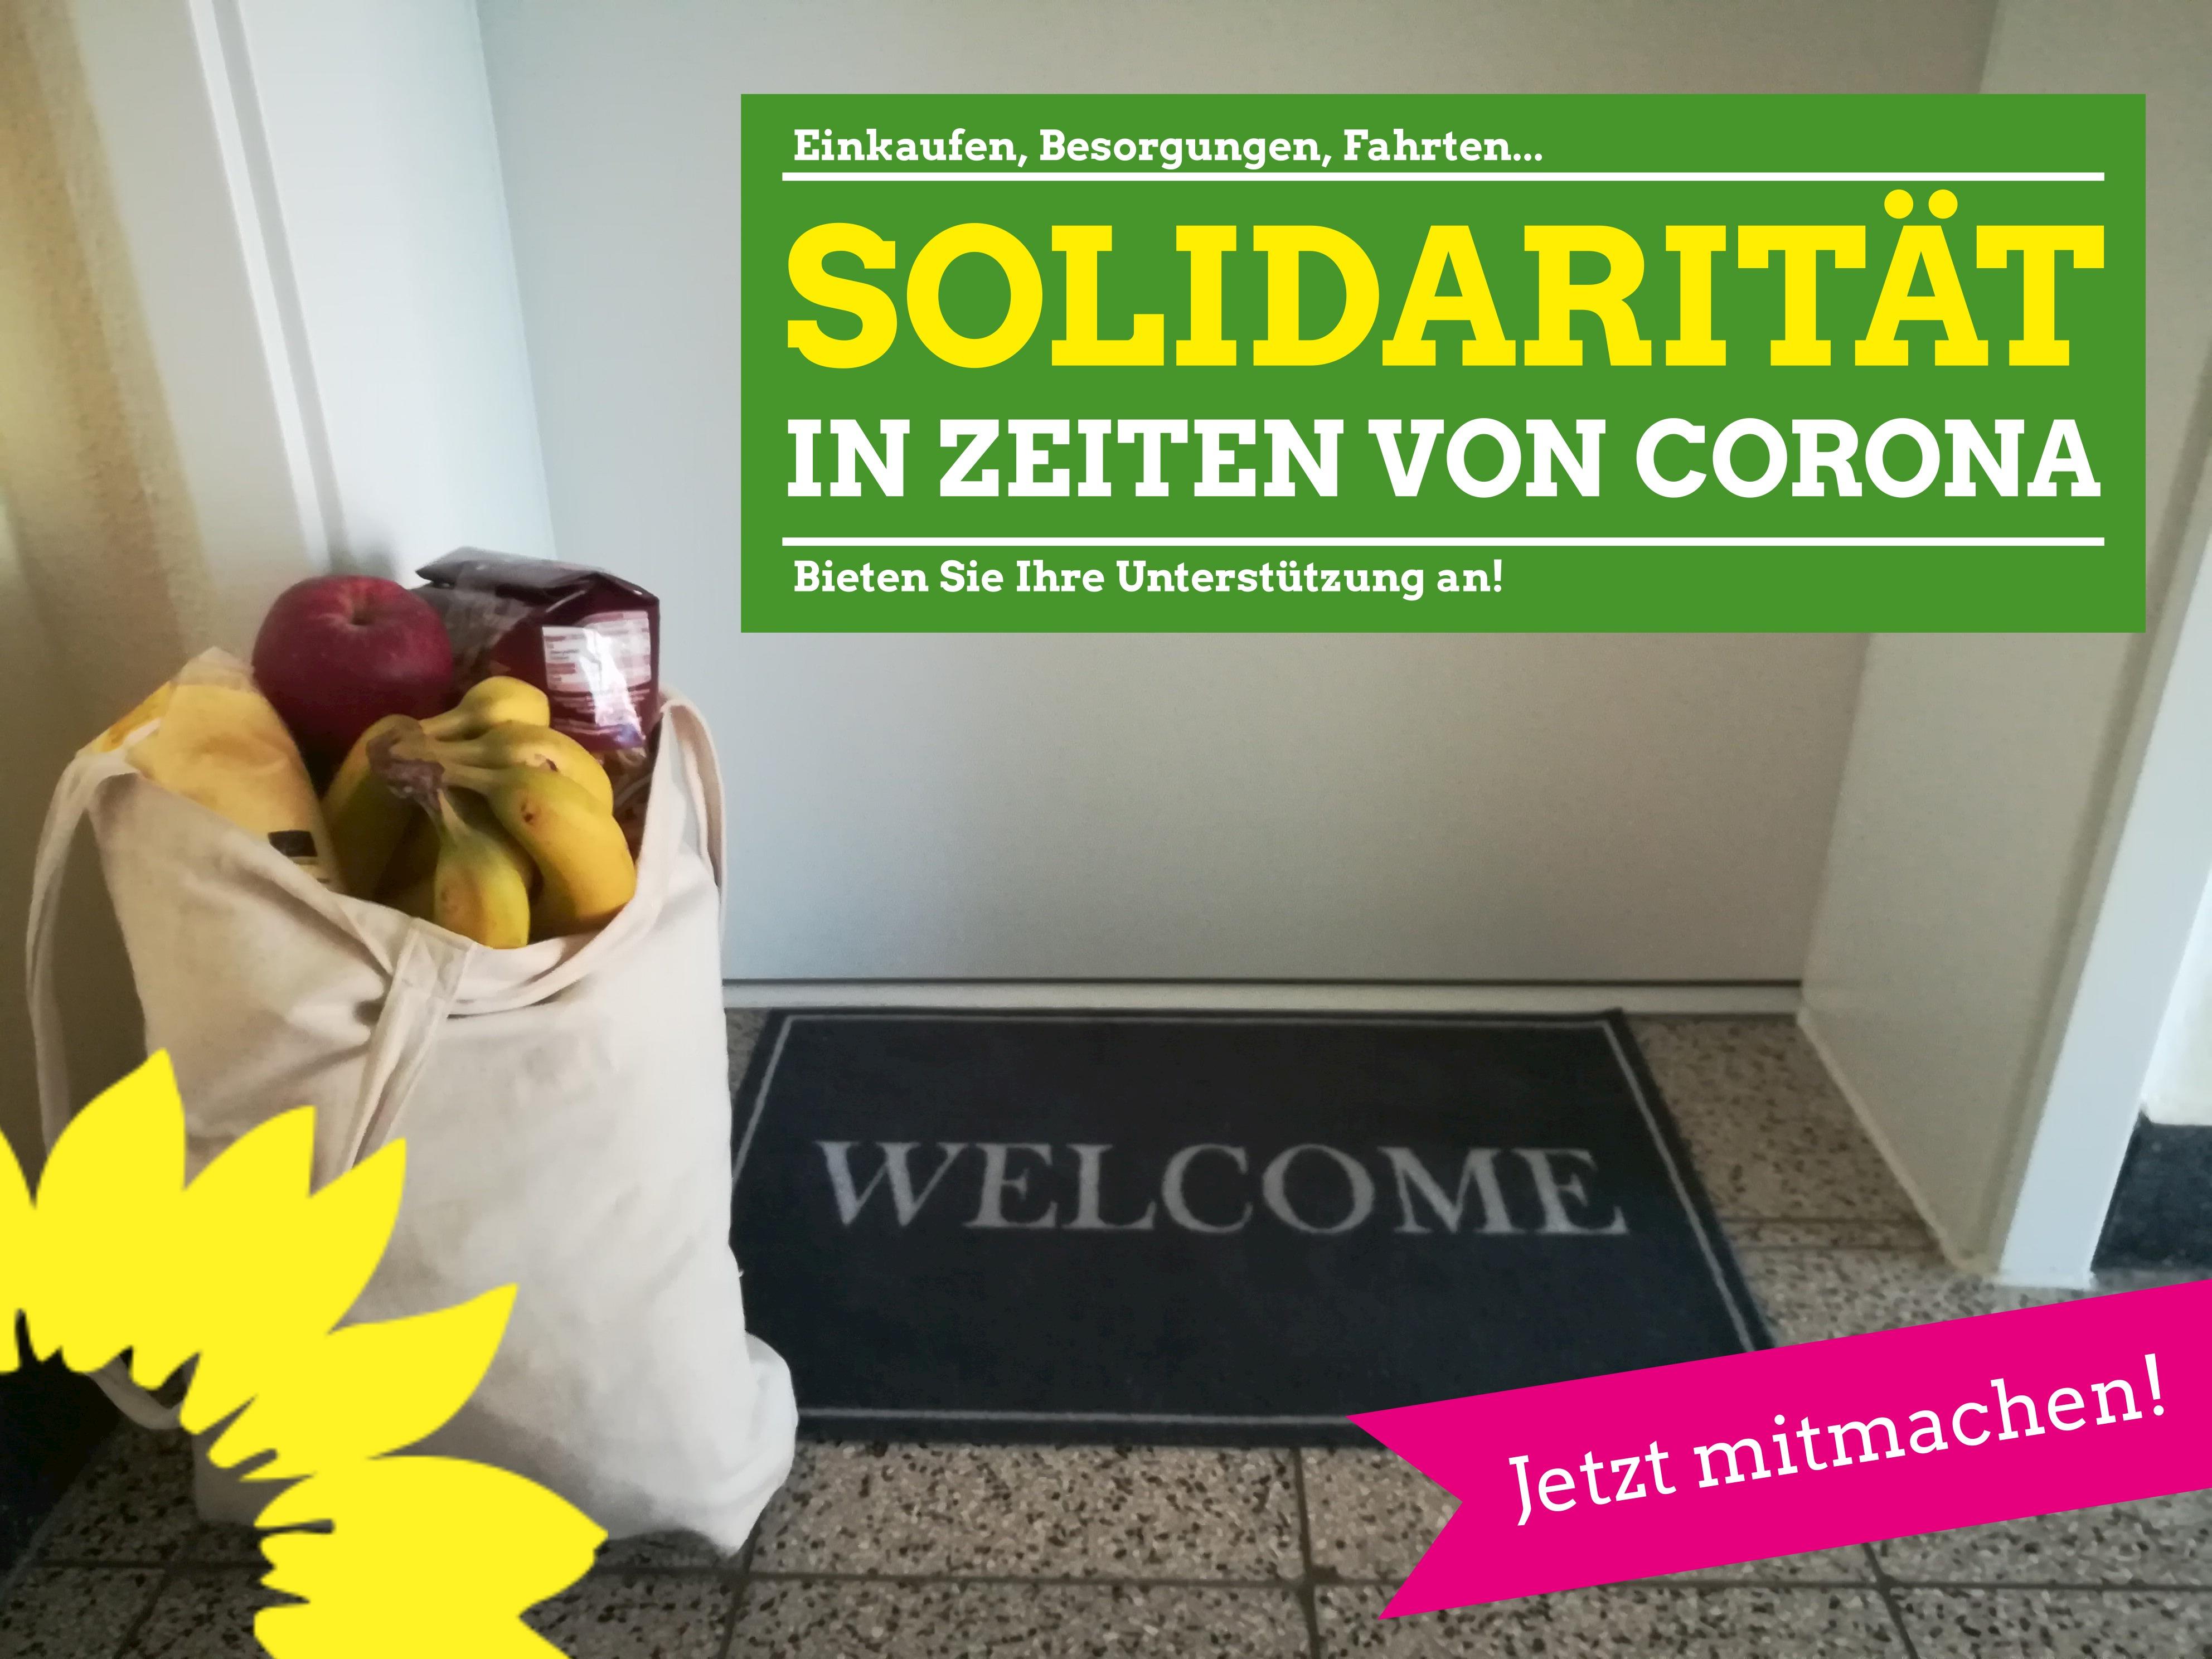 An_solidaritaet-in-zeit_(2)